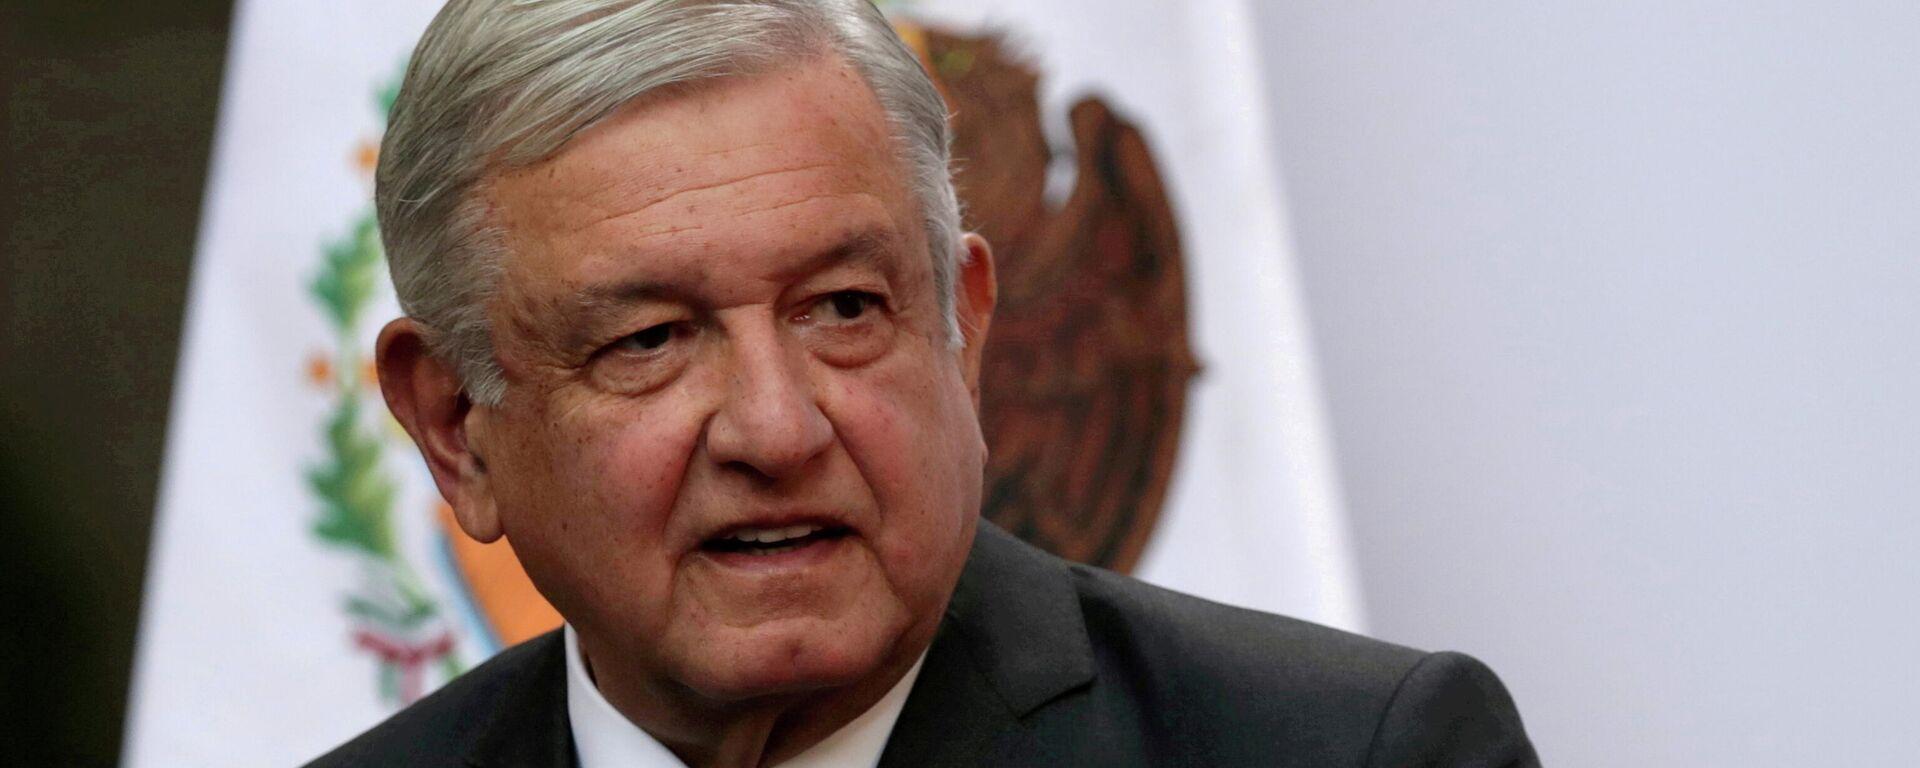 Andrés Manuel López Obrador, presidente de México - Sputnik Mundo, 1920, 14.06.2021